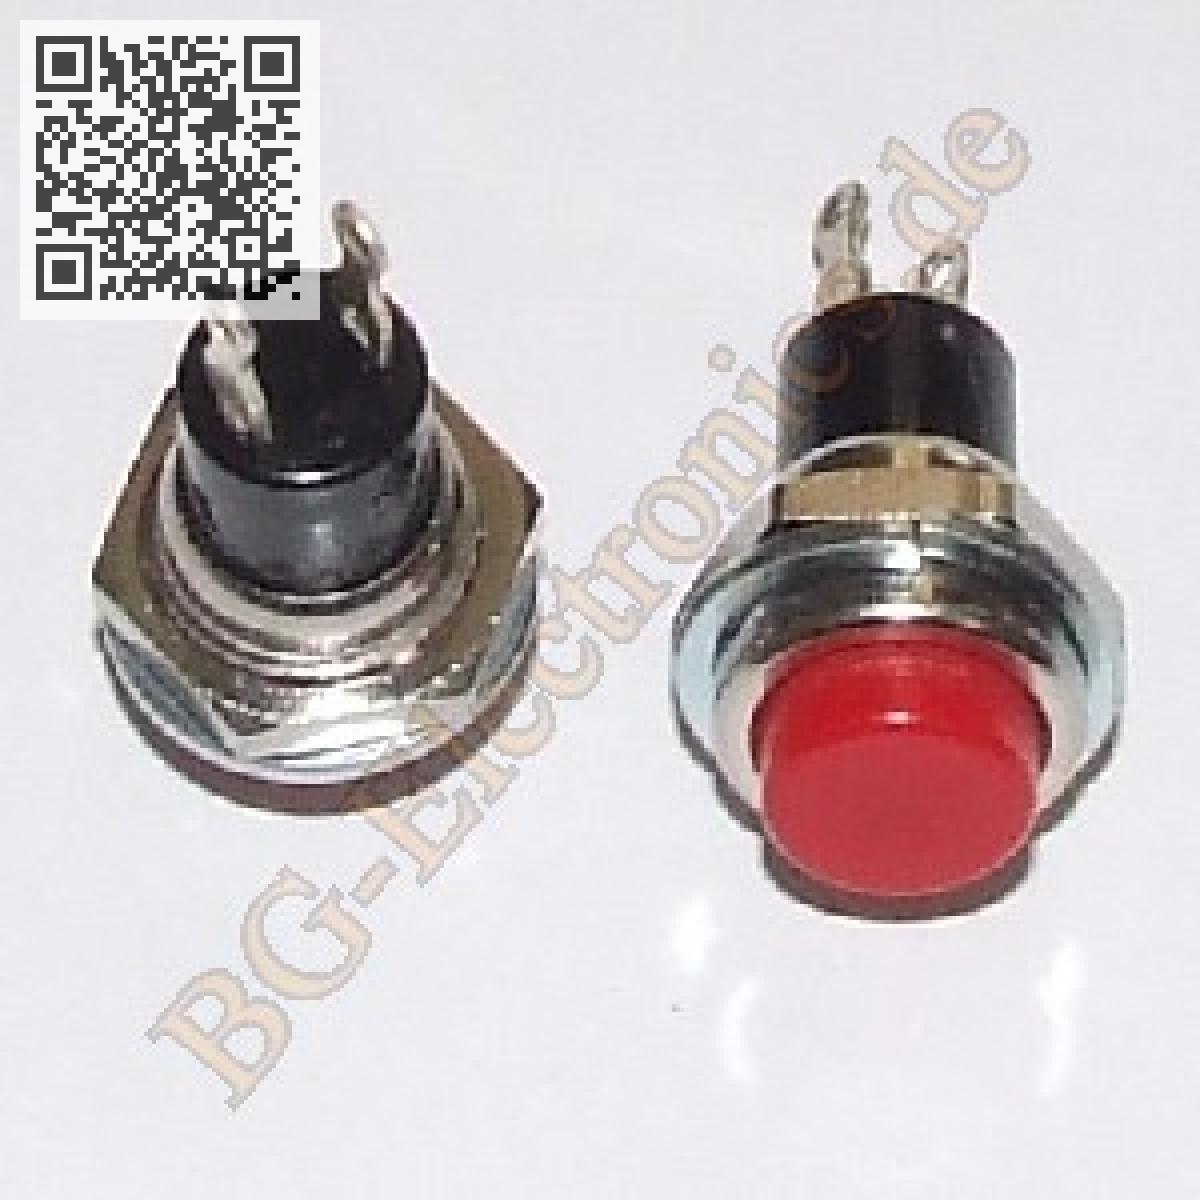 5-x-Drucktaster-rund-12mm-ROT-Taster-Schliesser-125V-3A-MS-350-5pcs